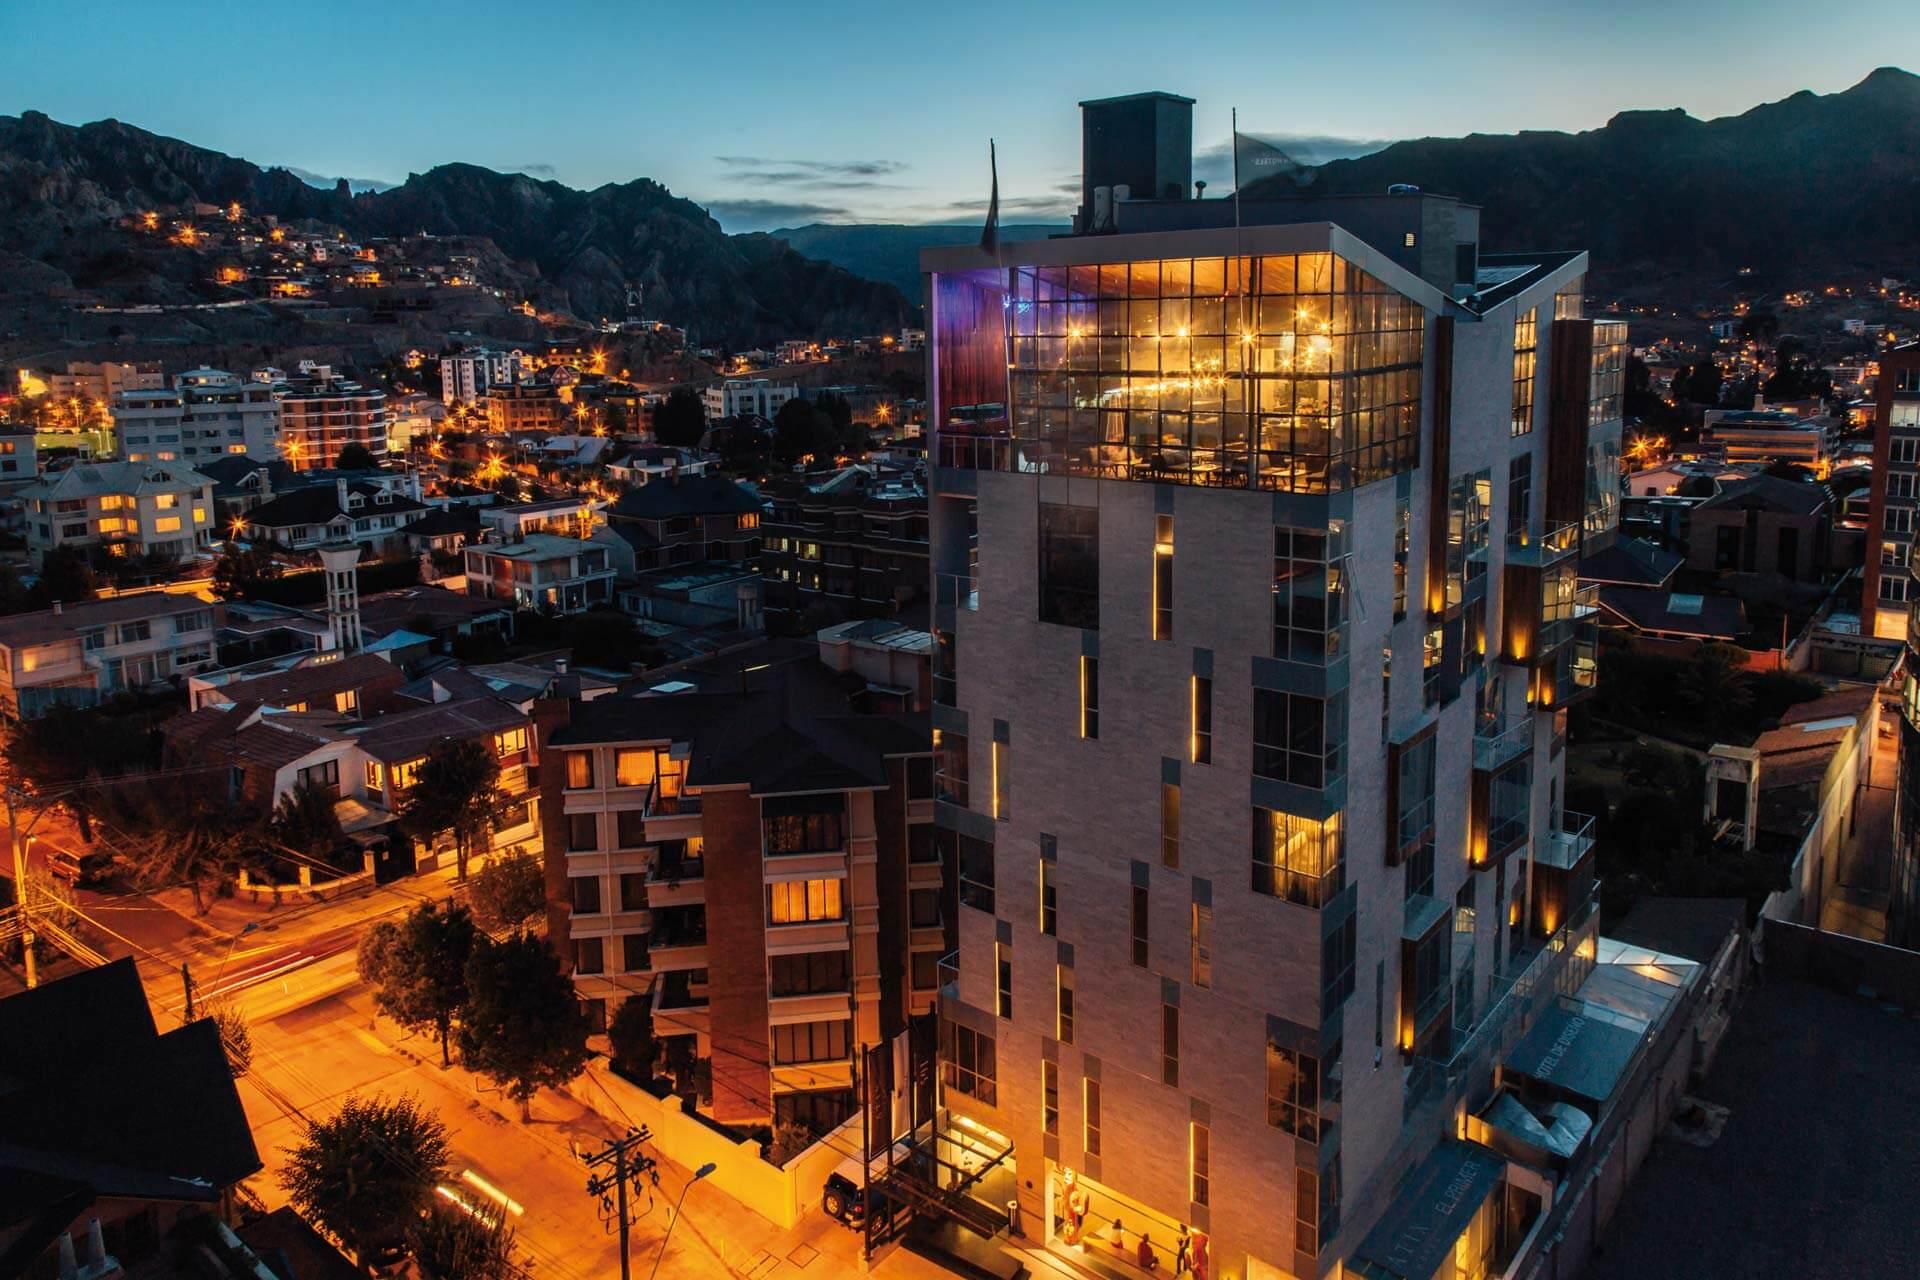 Atix Hotel Aussenansicht